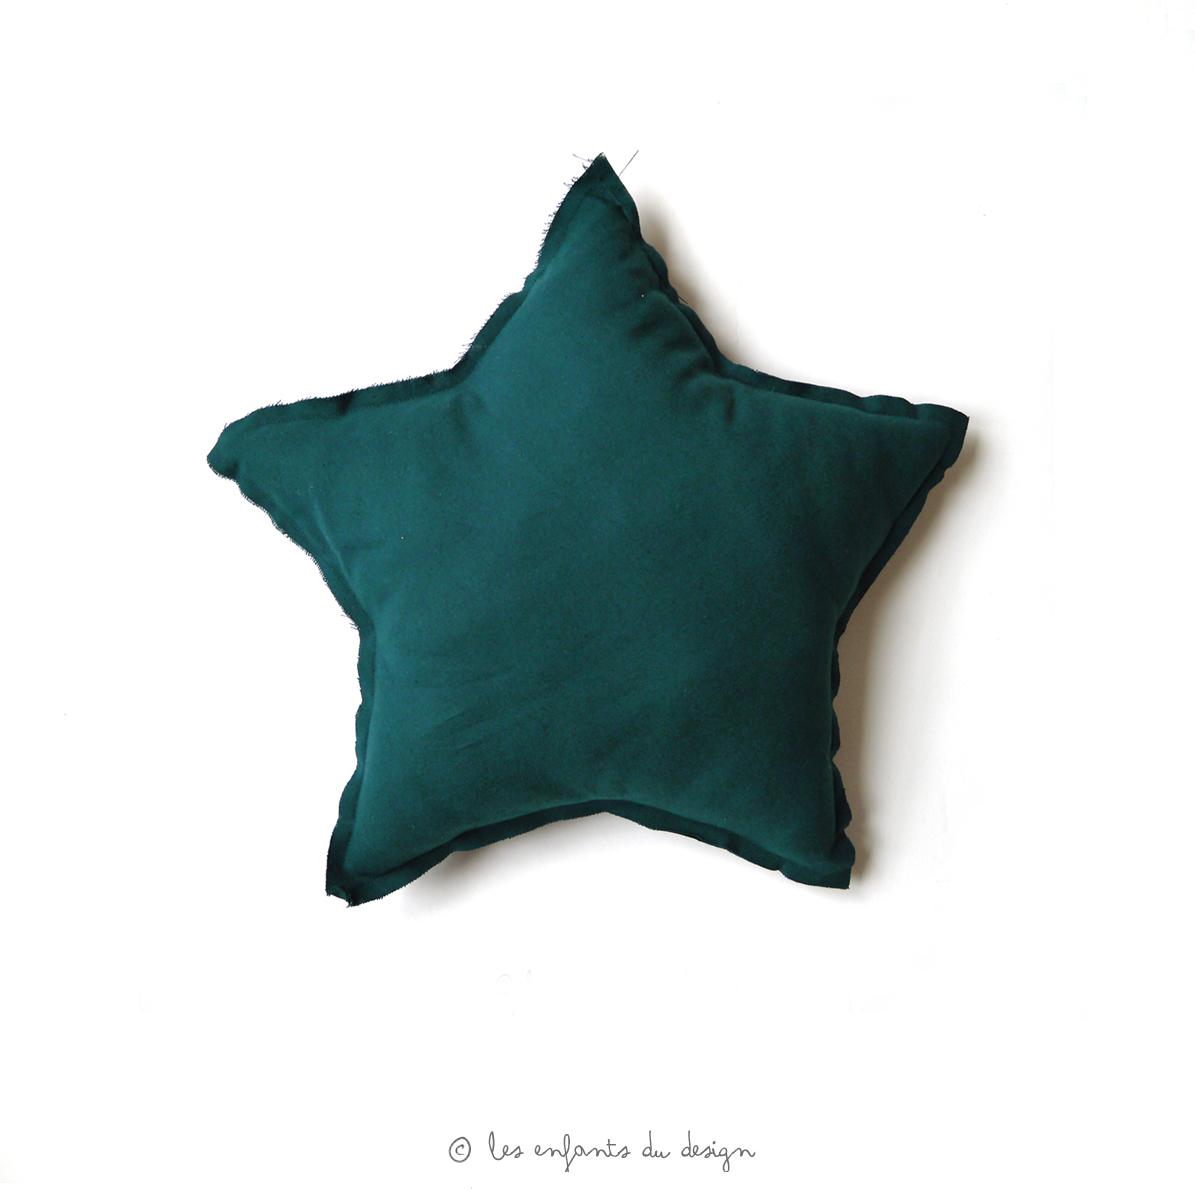 petit coussin etoile bleu canard num ro 74 pour chambre enfant les enfants du design. Black Bedroom Furniture Sets. Home Design Ideas